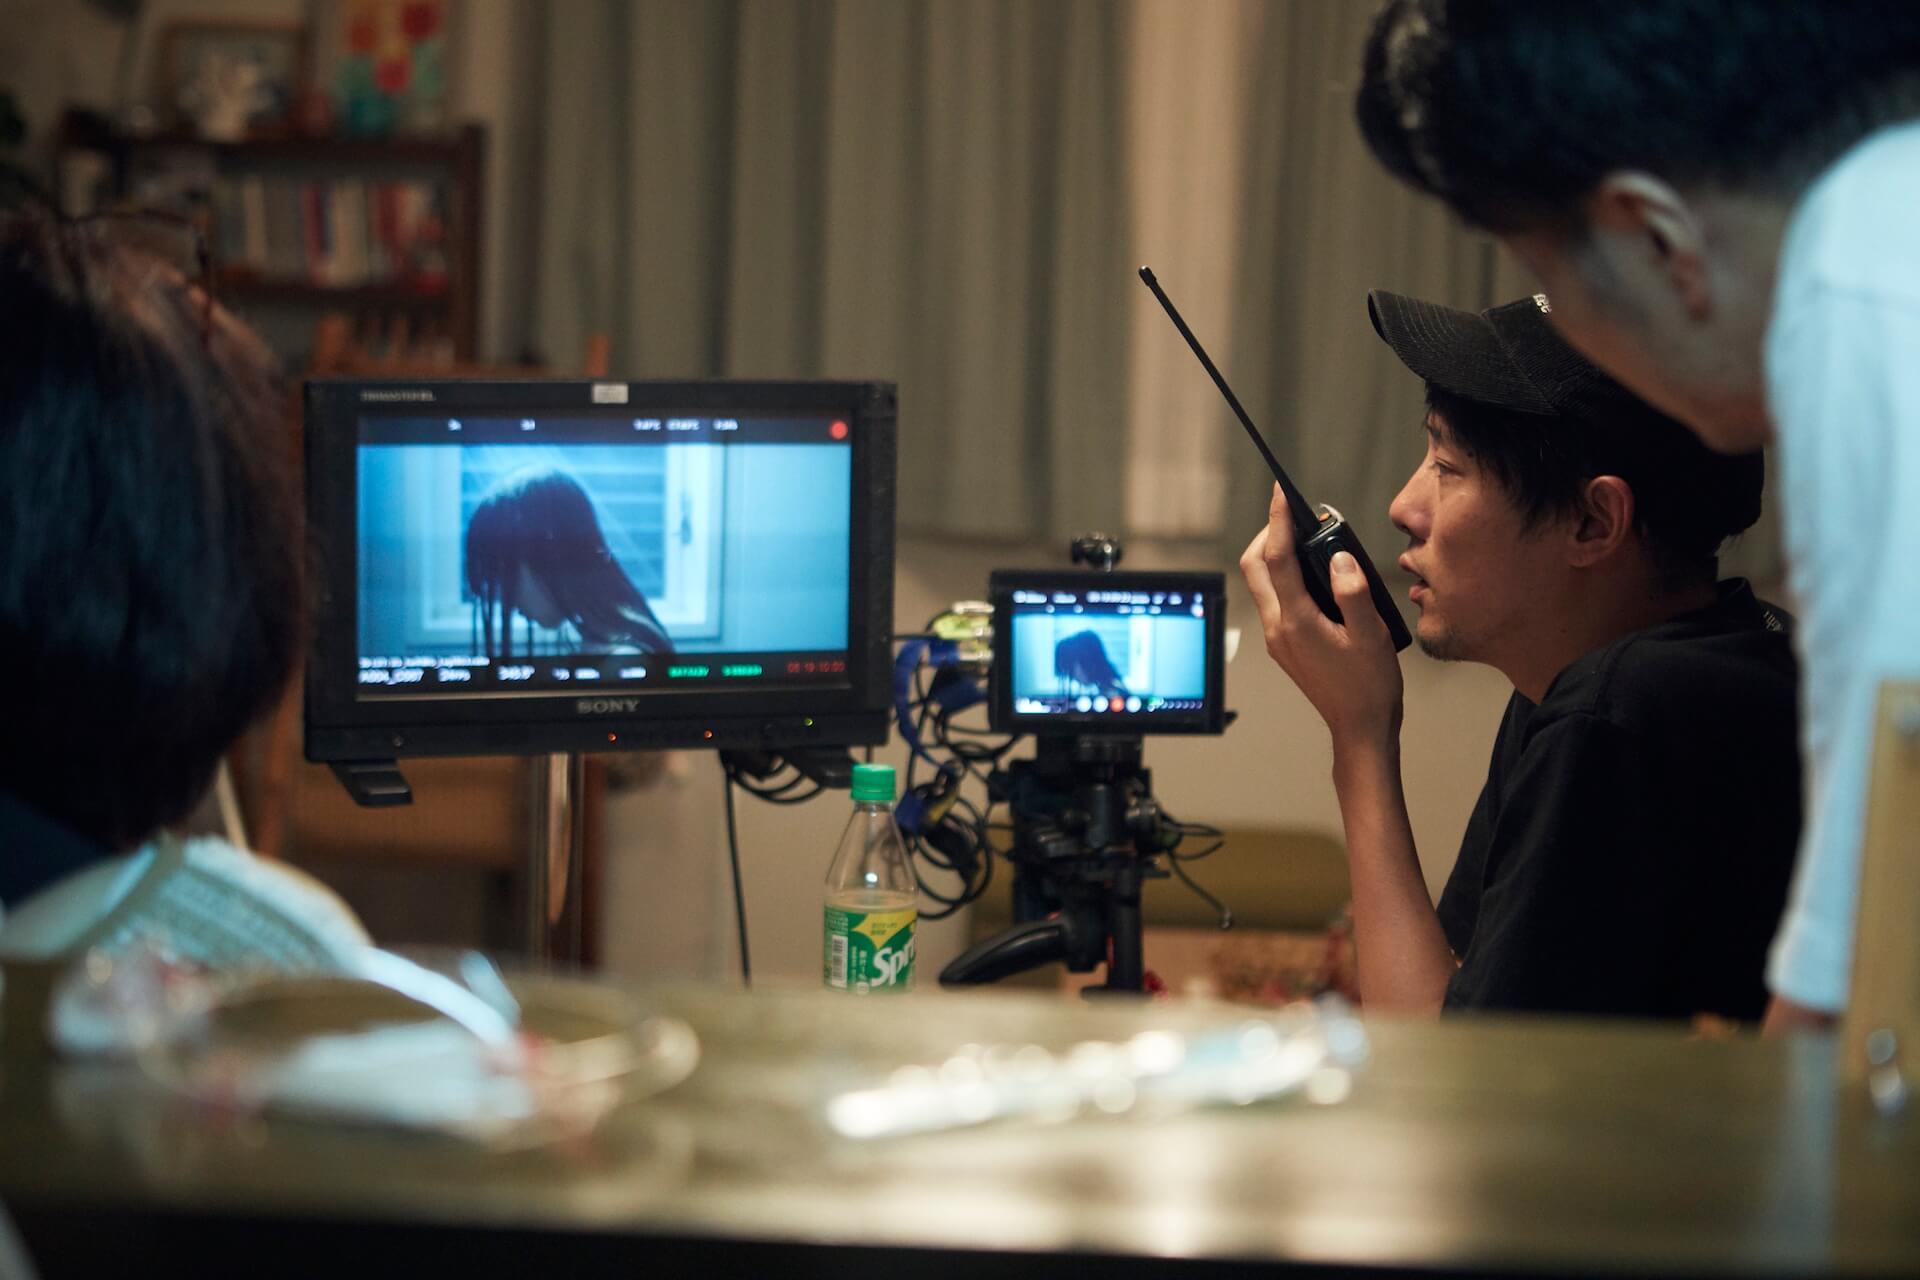 藤井道人監督が最新作『宇宙でいちばんあかるい屋根』に込めた願い「周りの人を理解できる世の中に」 interview200821_fujiimichihito_2